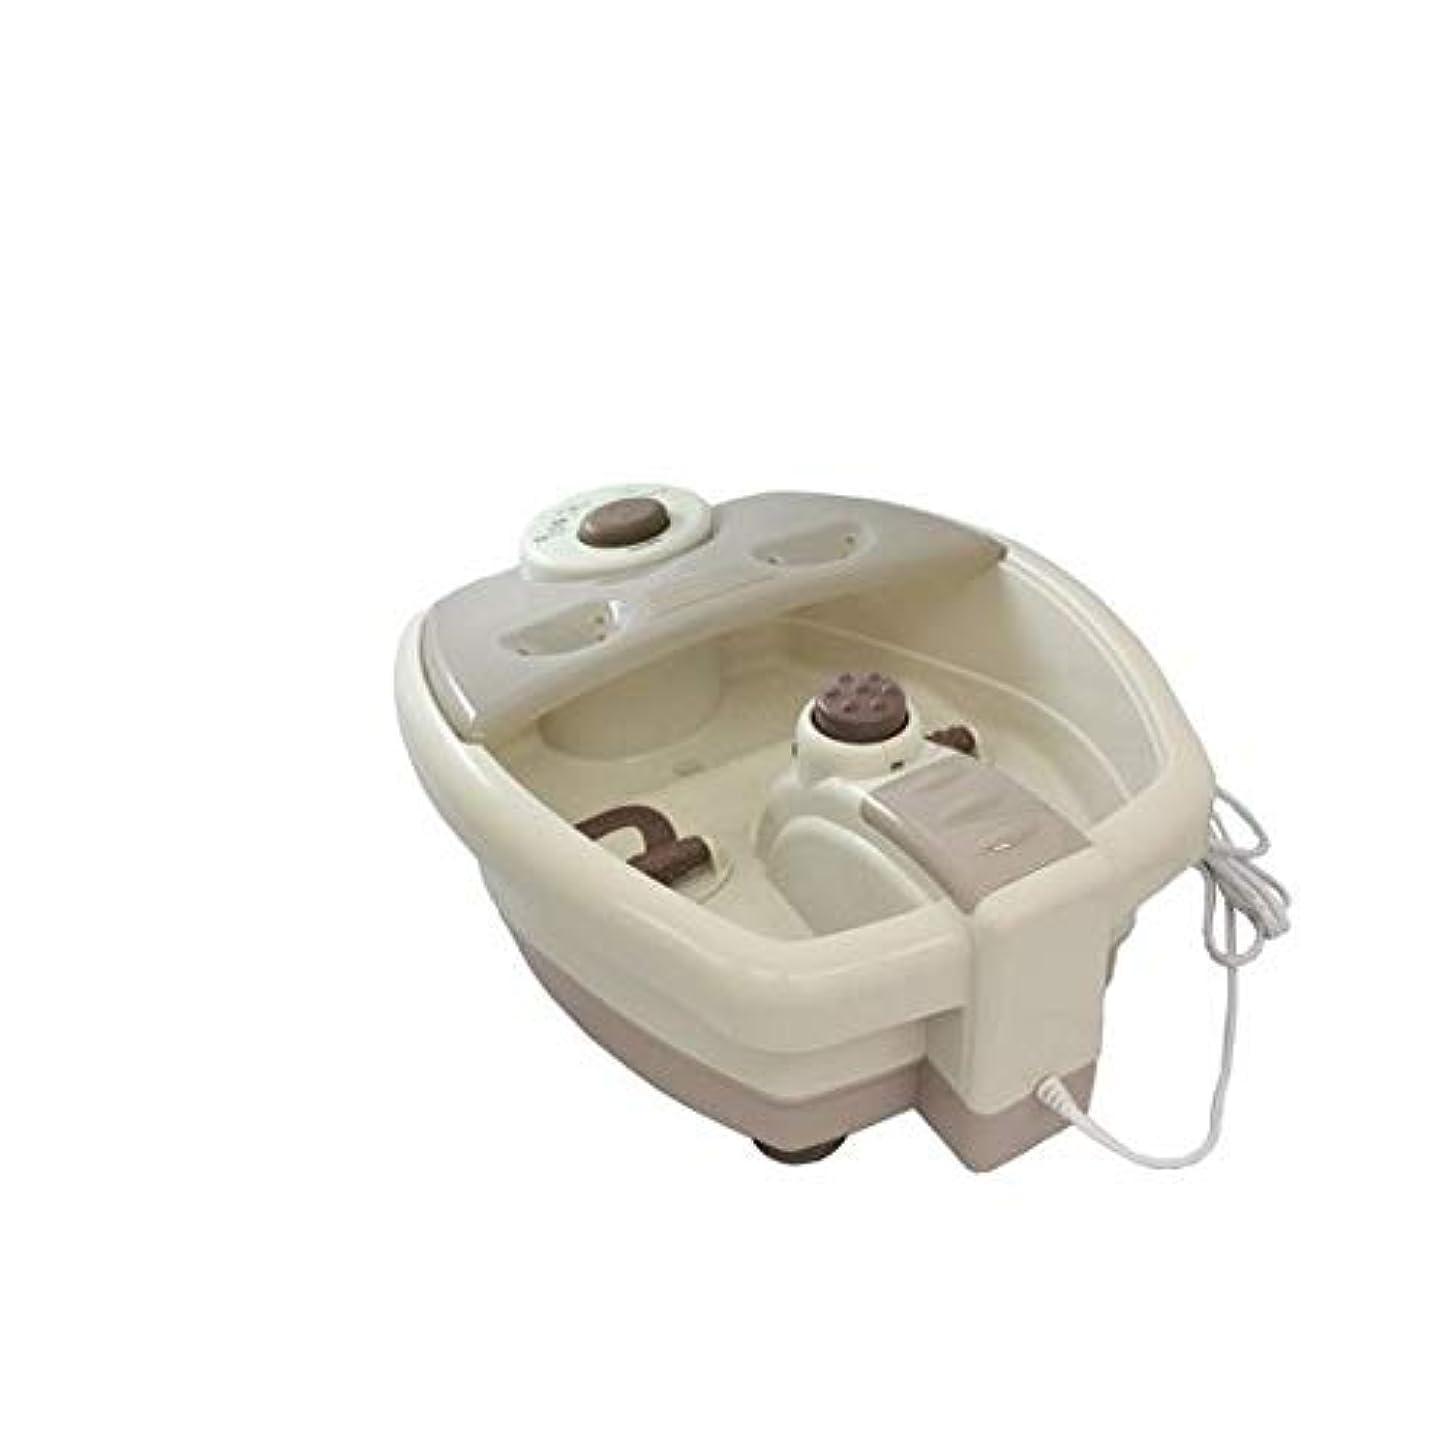 あさり典型的なロードハウスフットリラモカ フットバス 足浴器 足浴桶 足湯器 足湯桶 フットバス器 フットケア 足湯 業務用